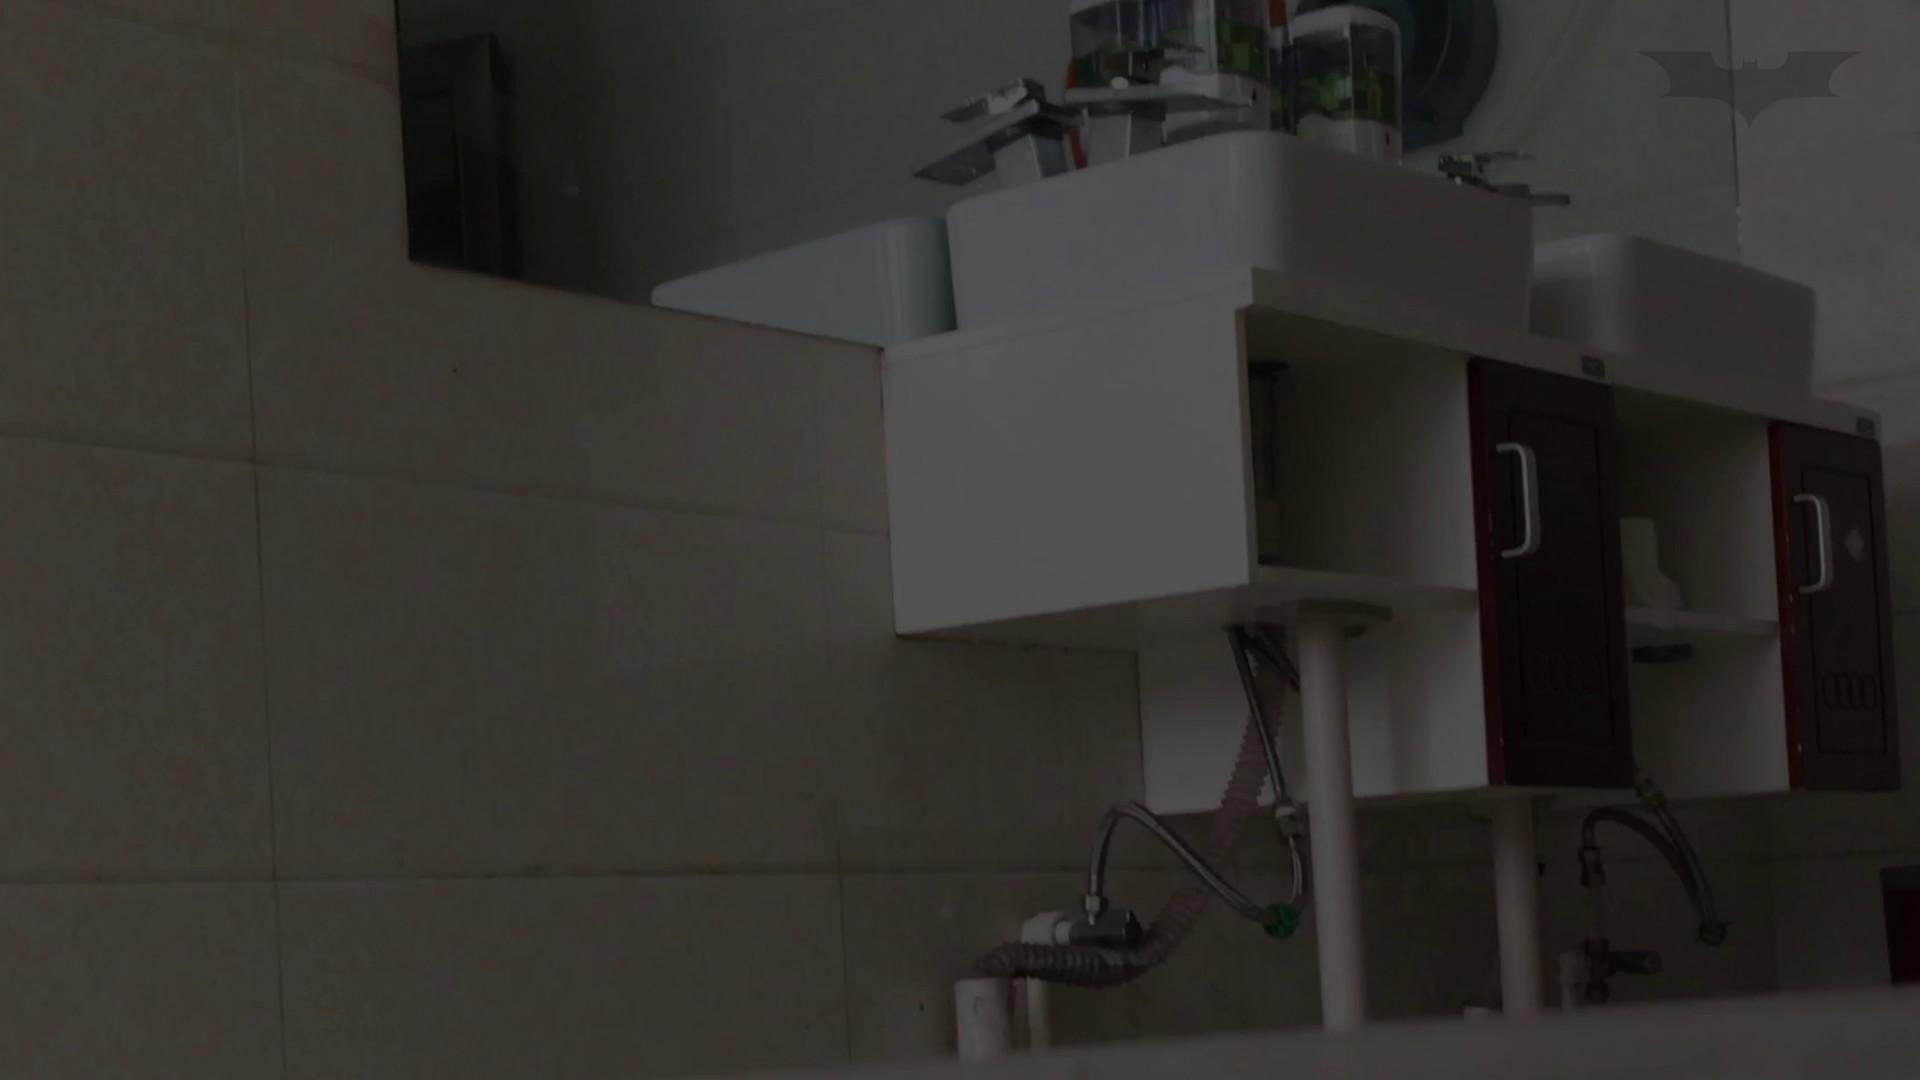 芸術大学ガチ潜入盗撮 JD盗撮 美女の洗面所の秘密 Vol.111 お姉さん攻略 | 丸見え  96画像 71